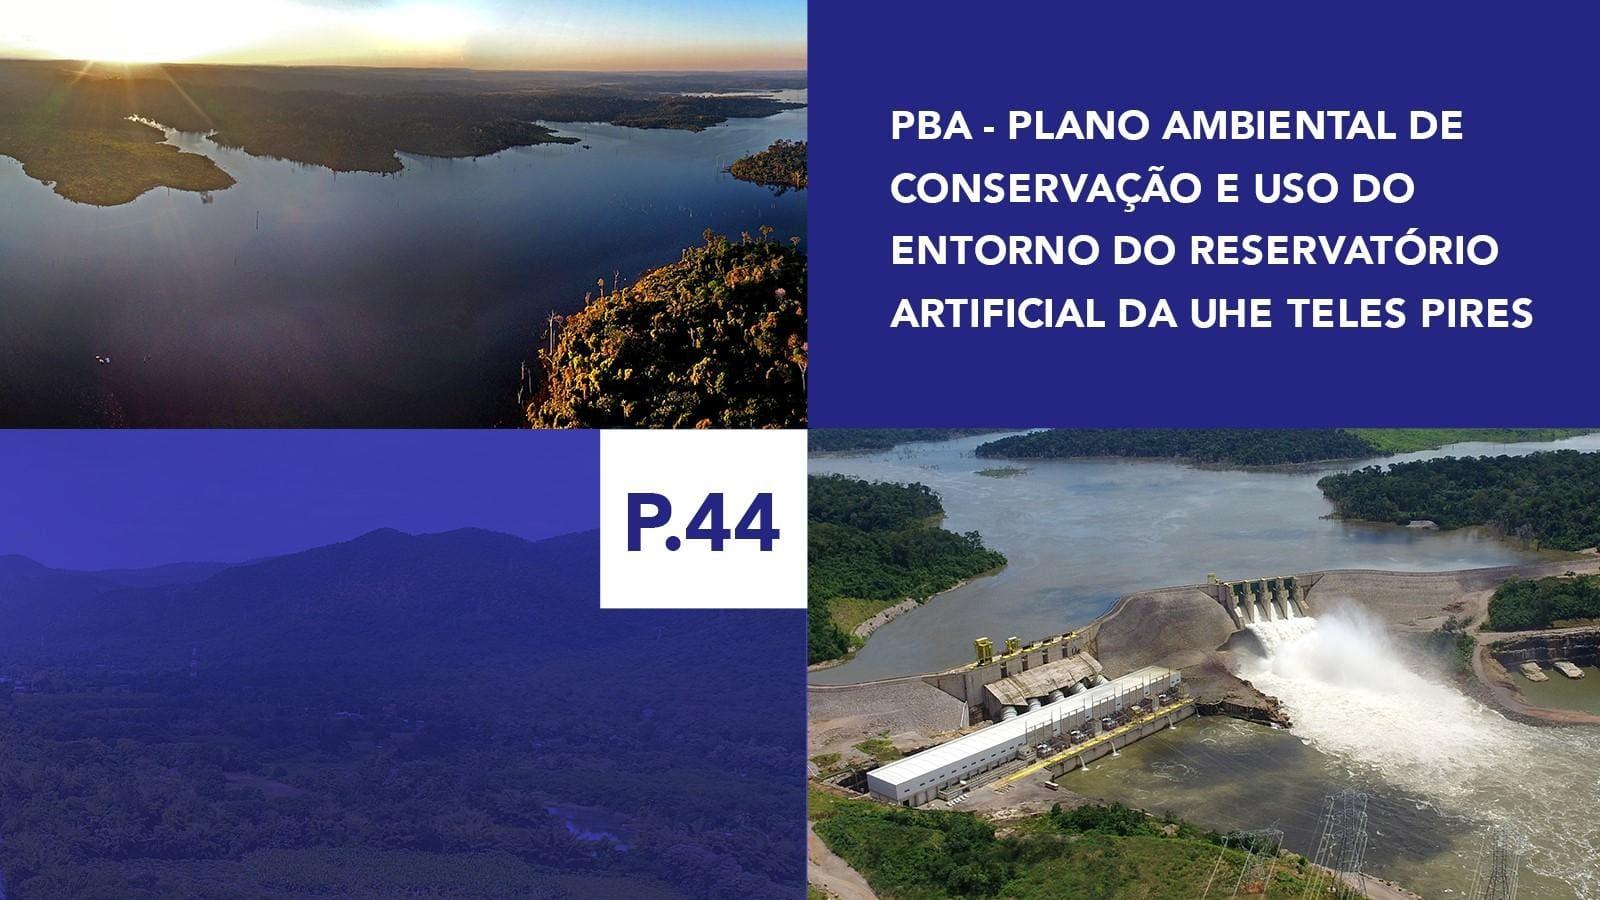 P.44 - Plano Ambiental de Conservação e Uso do Entorno do Reservatório Artificial da UHE Teles Pires